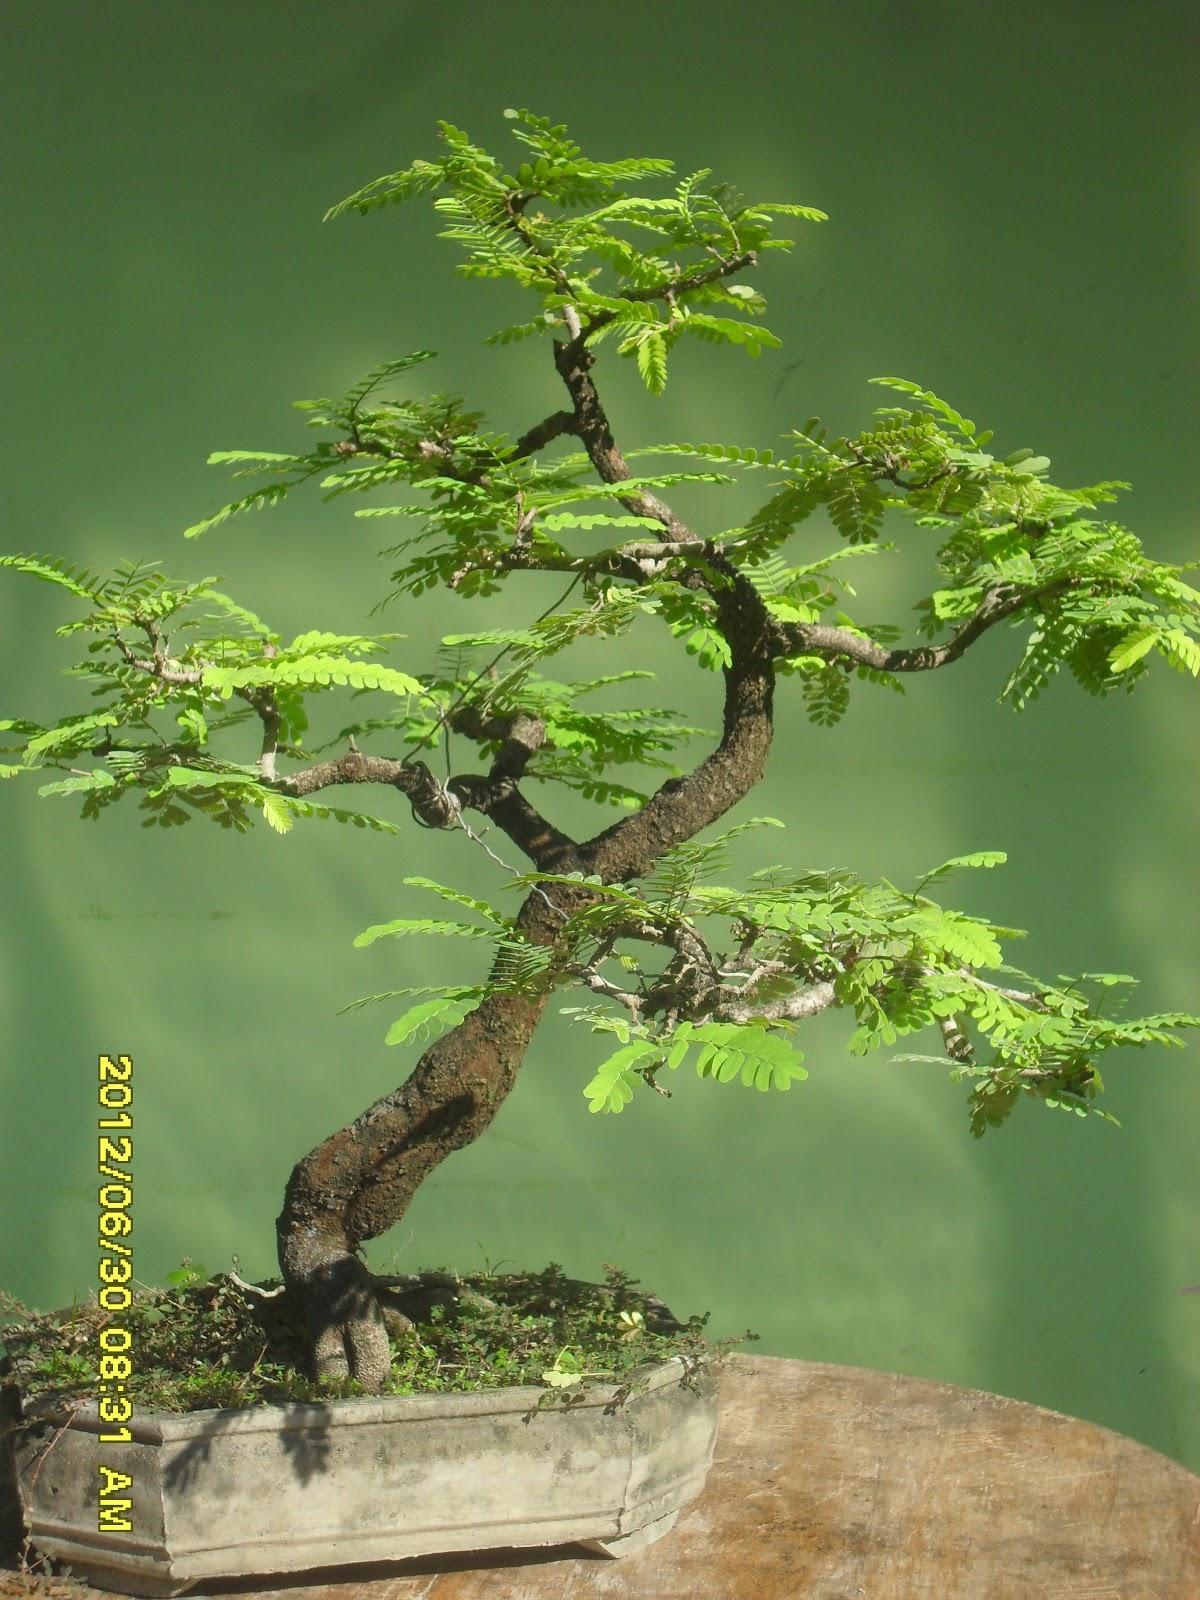 Kumpulan Artikel Tentang Bonsai  kumpulan gambar bonsai